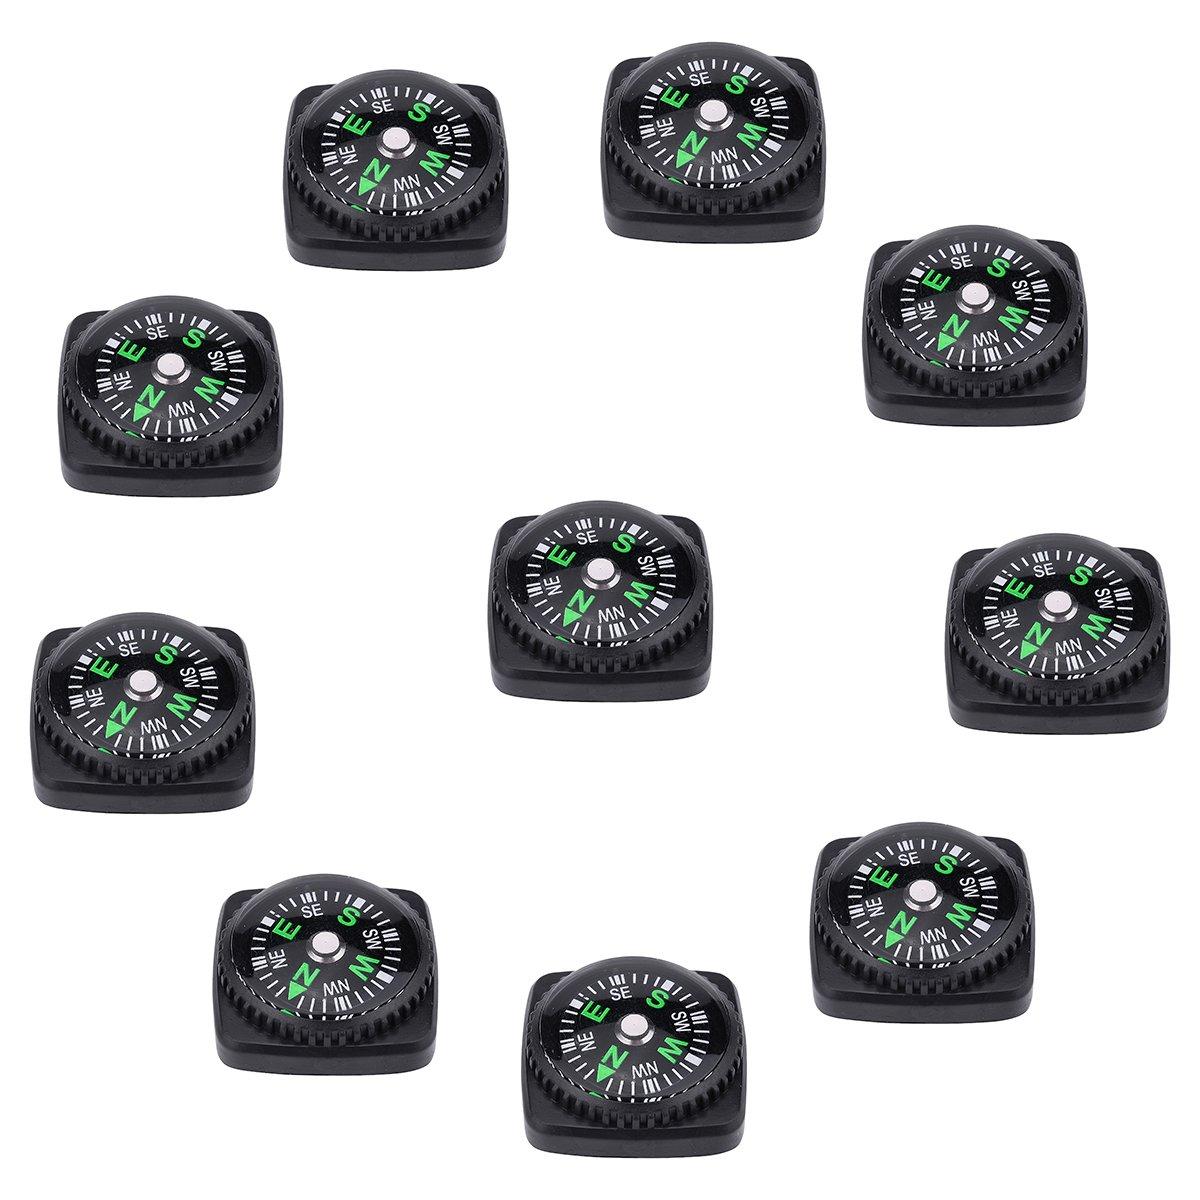 10パックハードシェル液体Filled Miniボタンコンパスセットfor Survival Watch Bandパラコードブレスレット B078PFN12H